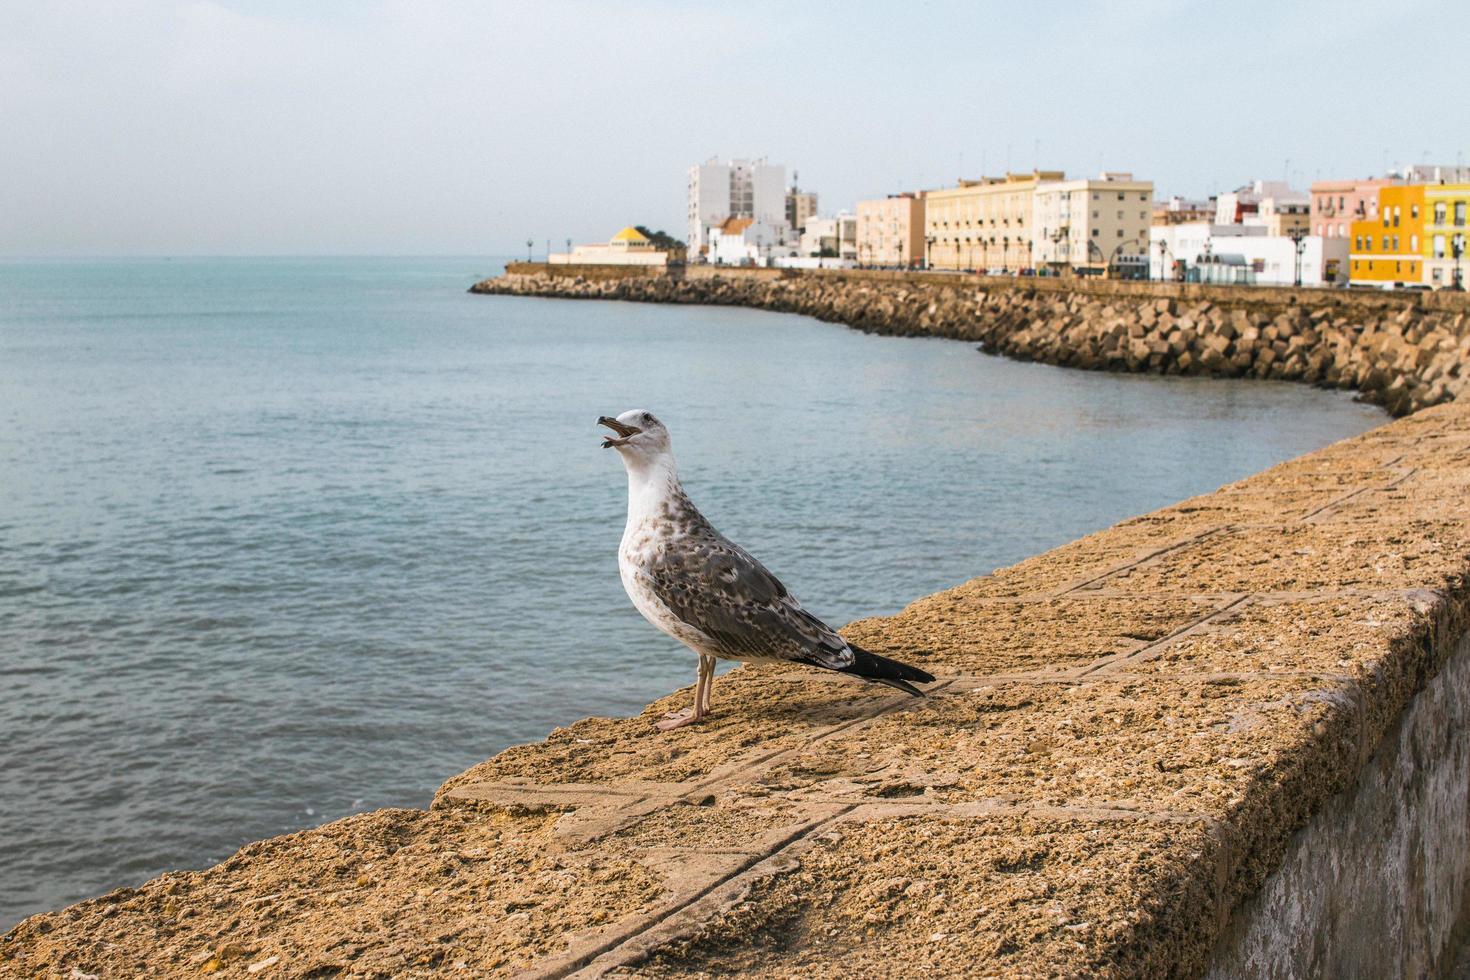 gabbiano si trova sulla riva del porto foto